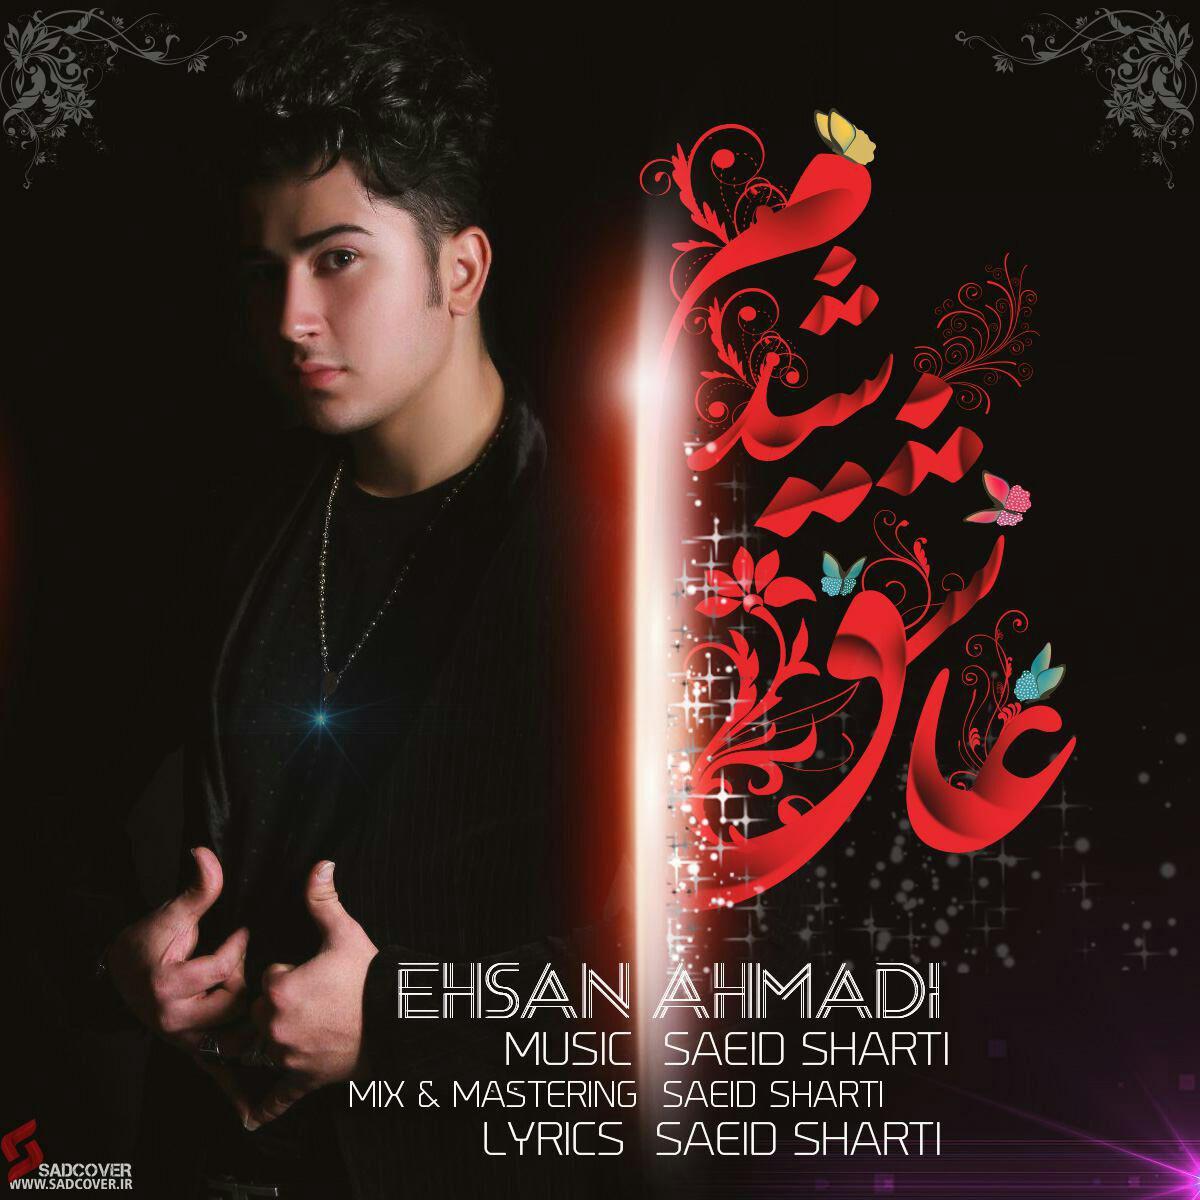 دانلود آهنگ جدید احسان احمدی به نام عاشق شدم